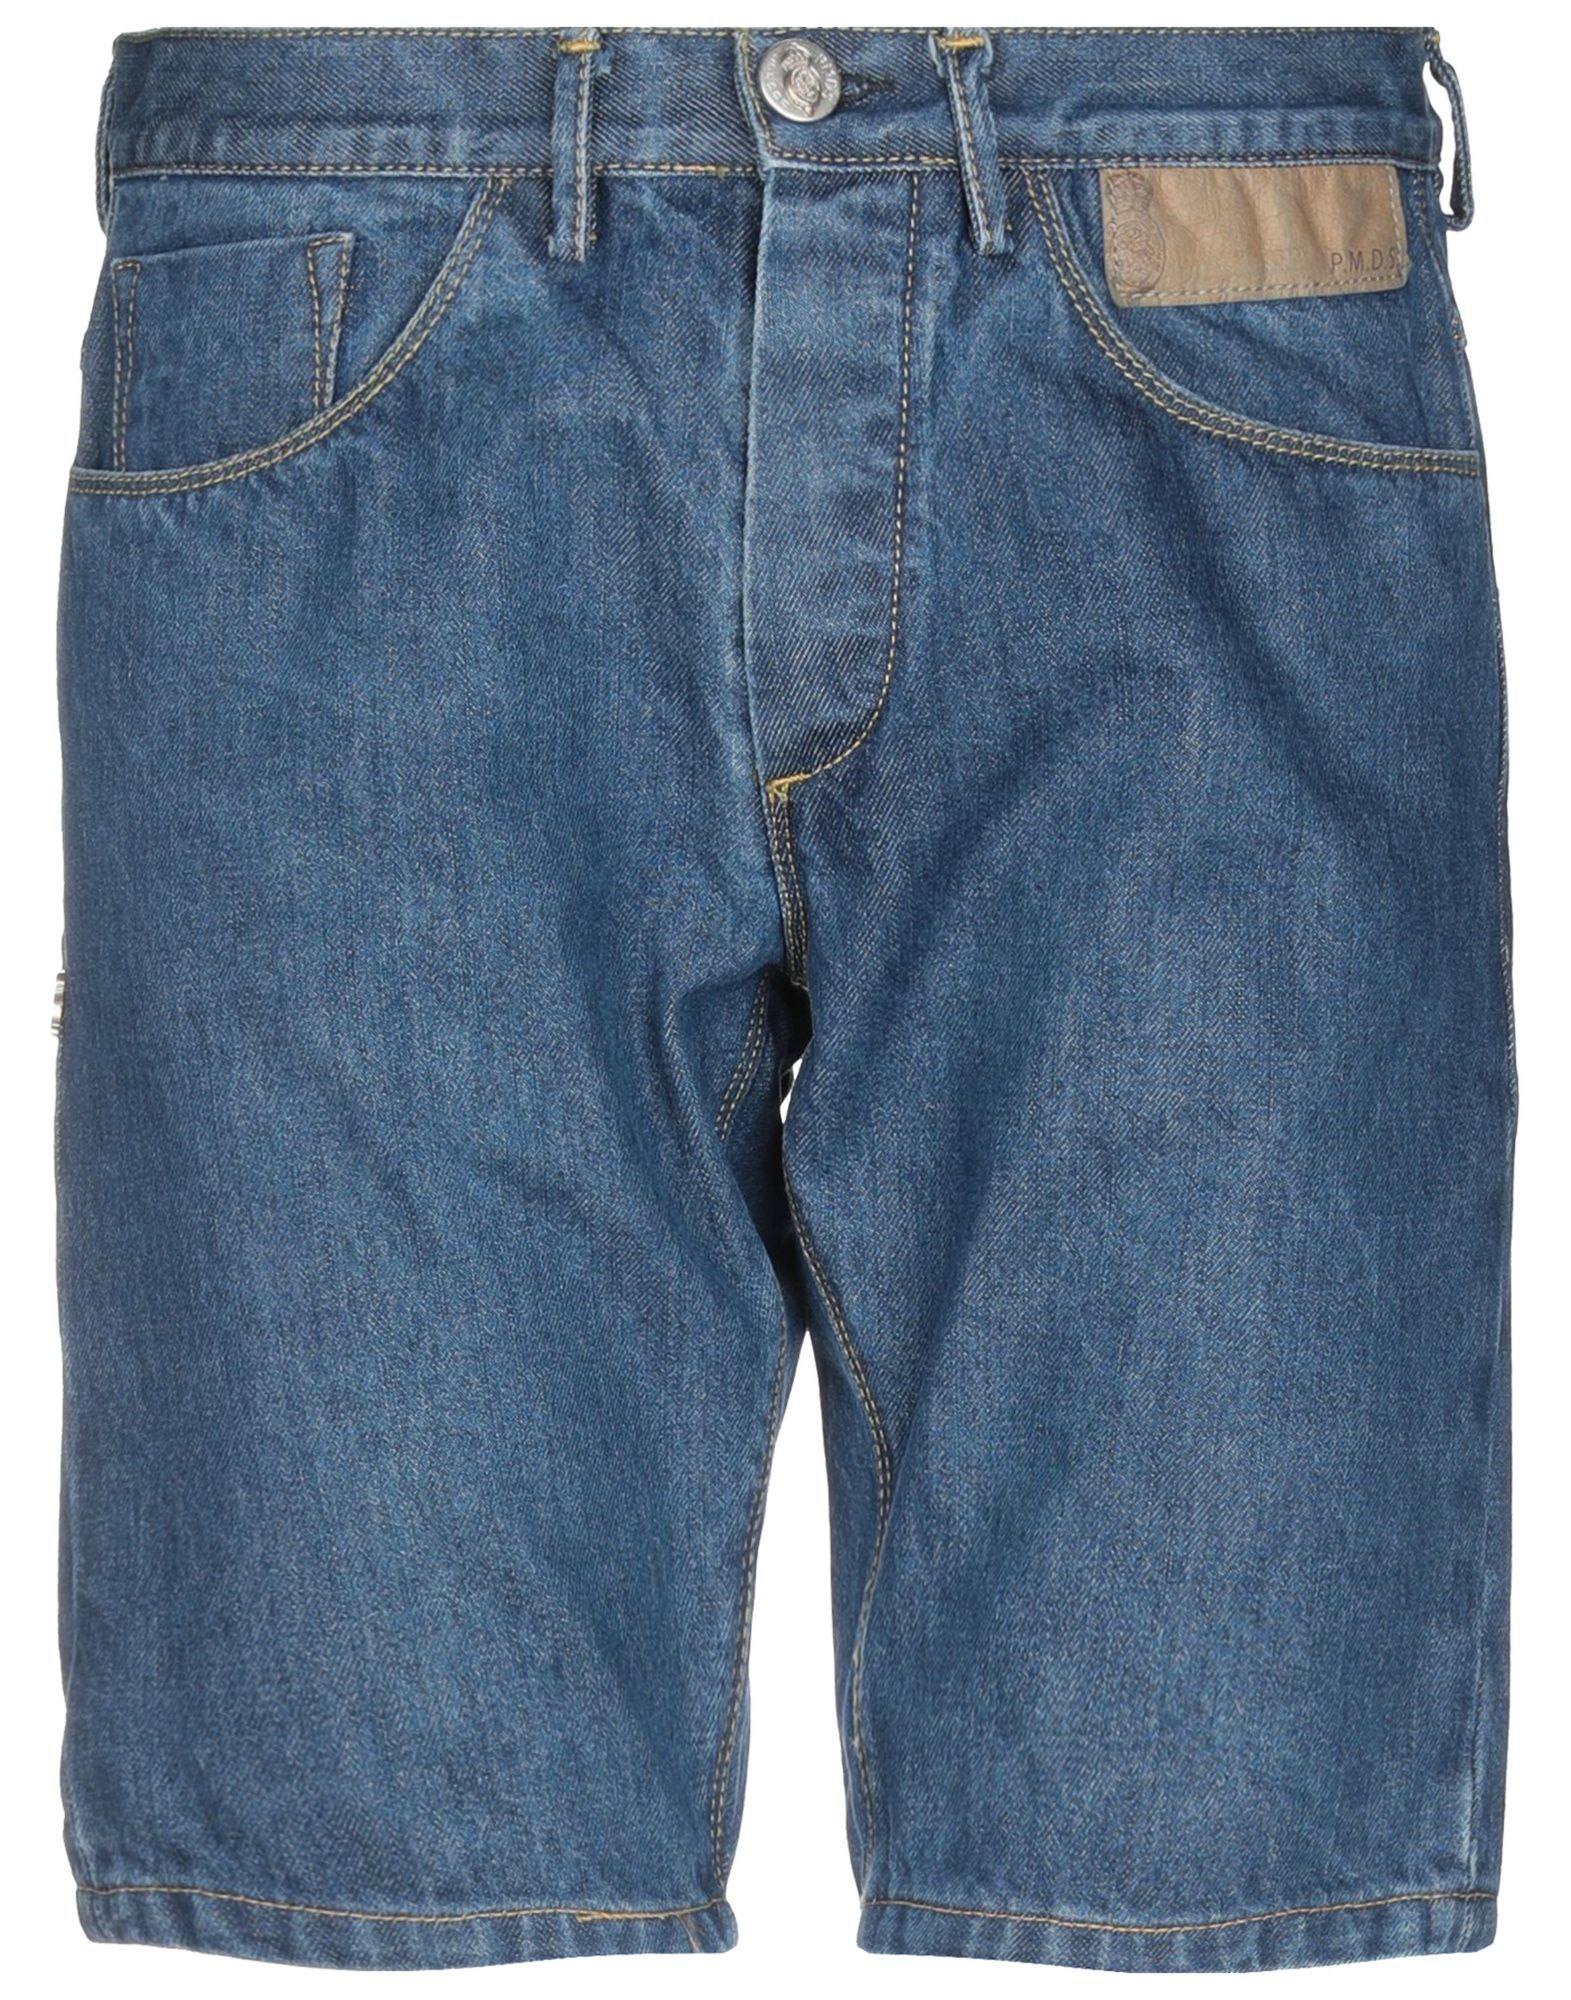 《期間限定セール中》PMDS PREMIUM MOOD DENIM SUPERIOR メンズ デニムバミューダパンツ ブルー 29 コットン 100%